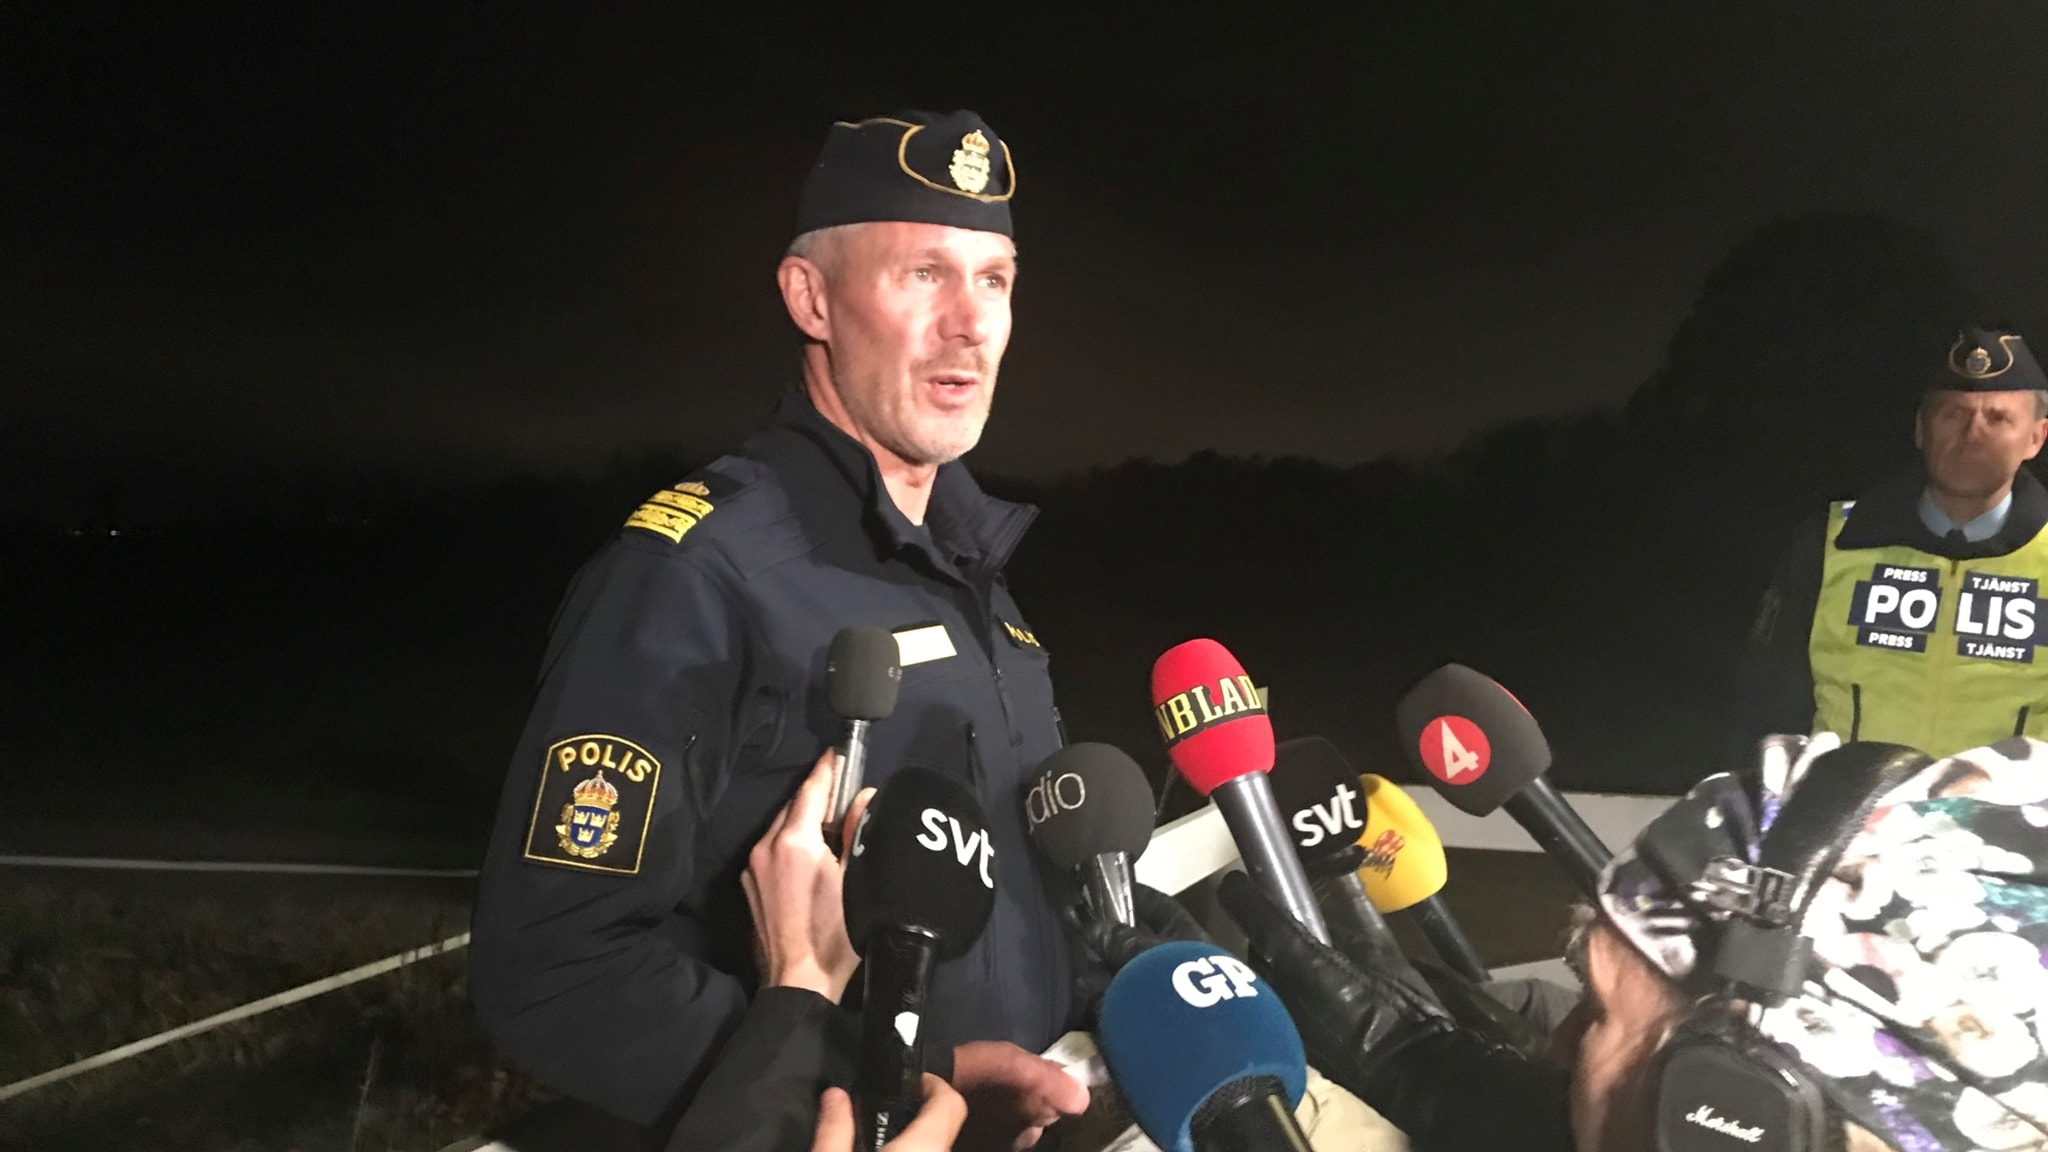 Polisen letar efter forsvunnen 63 aring